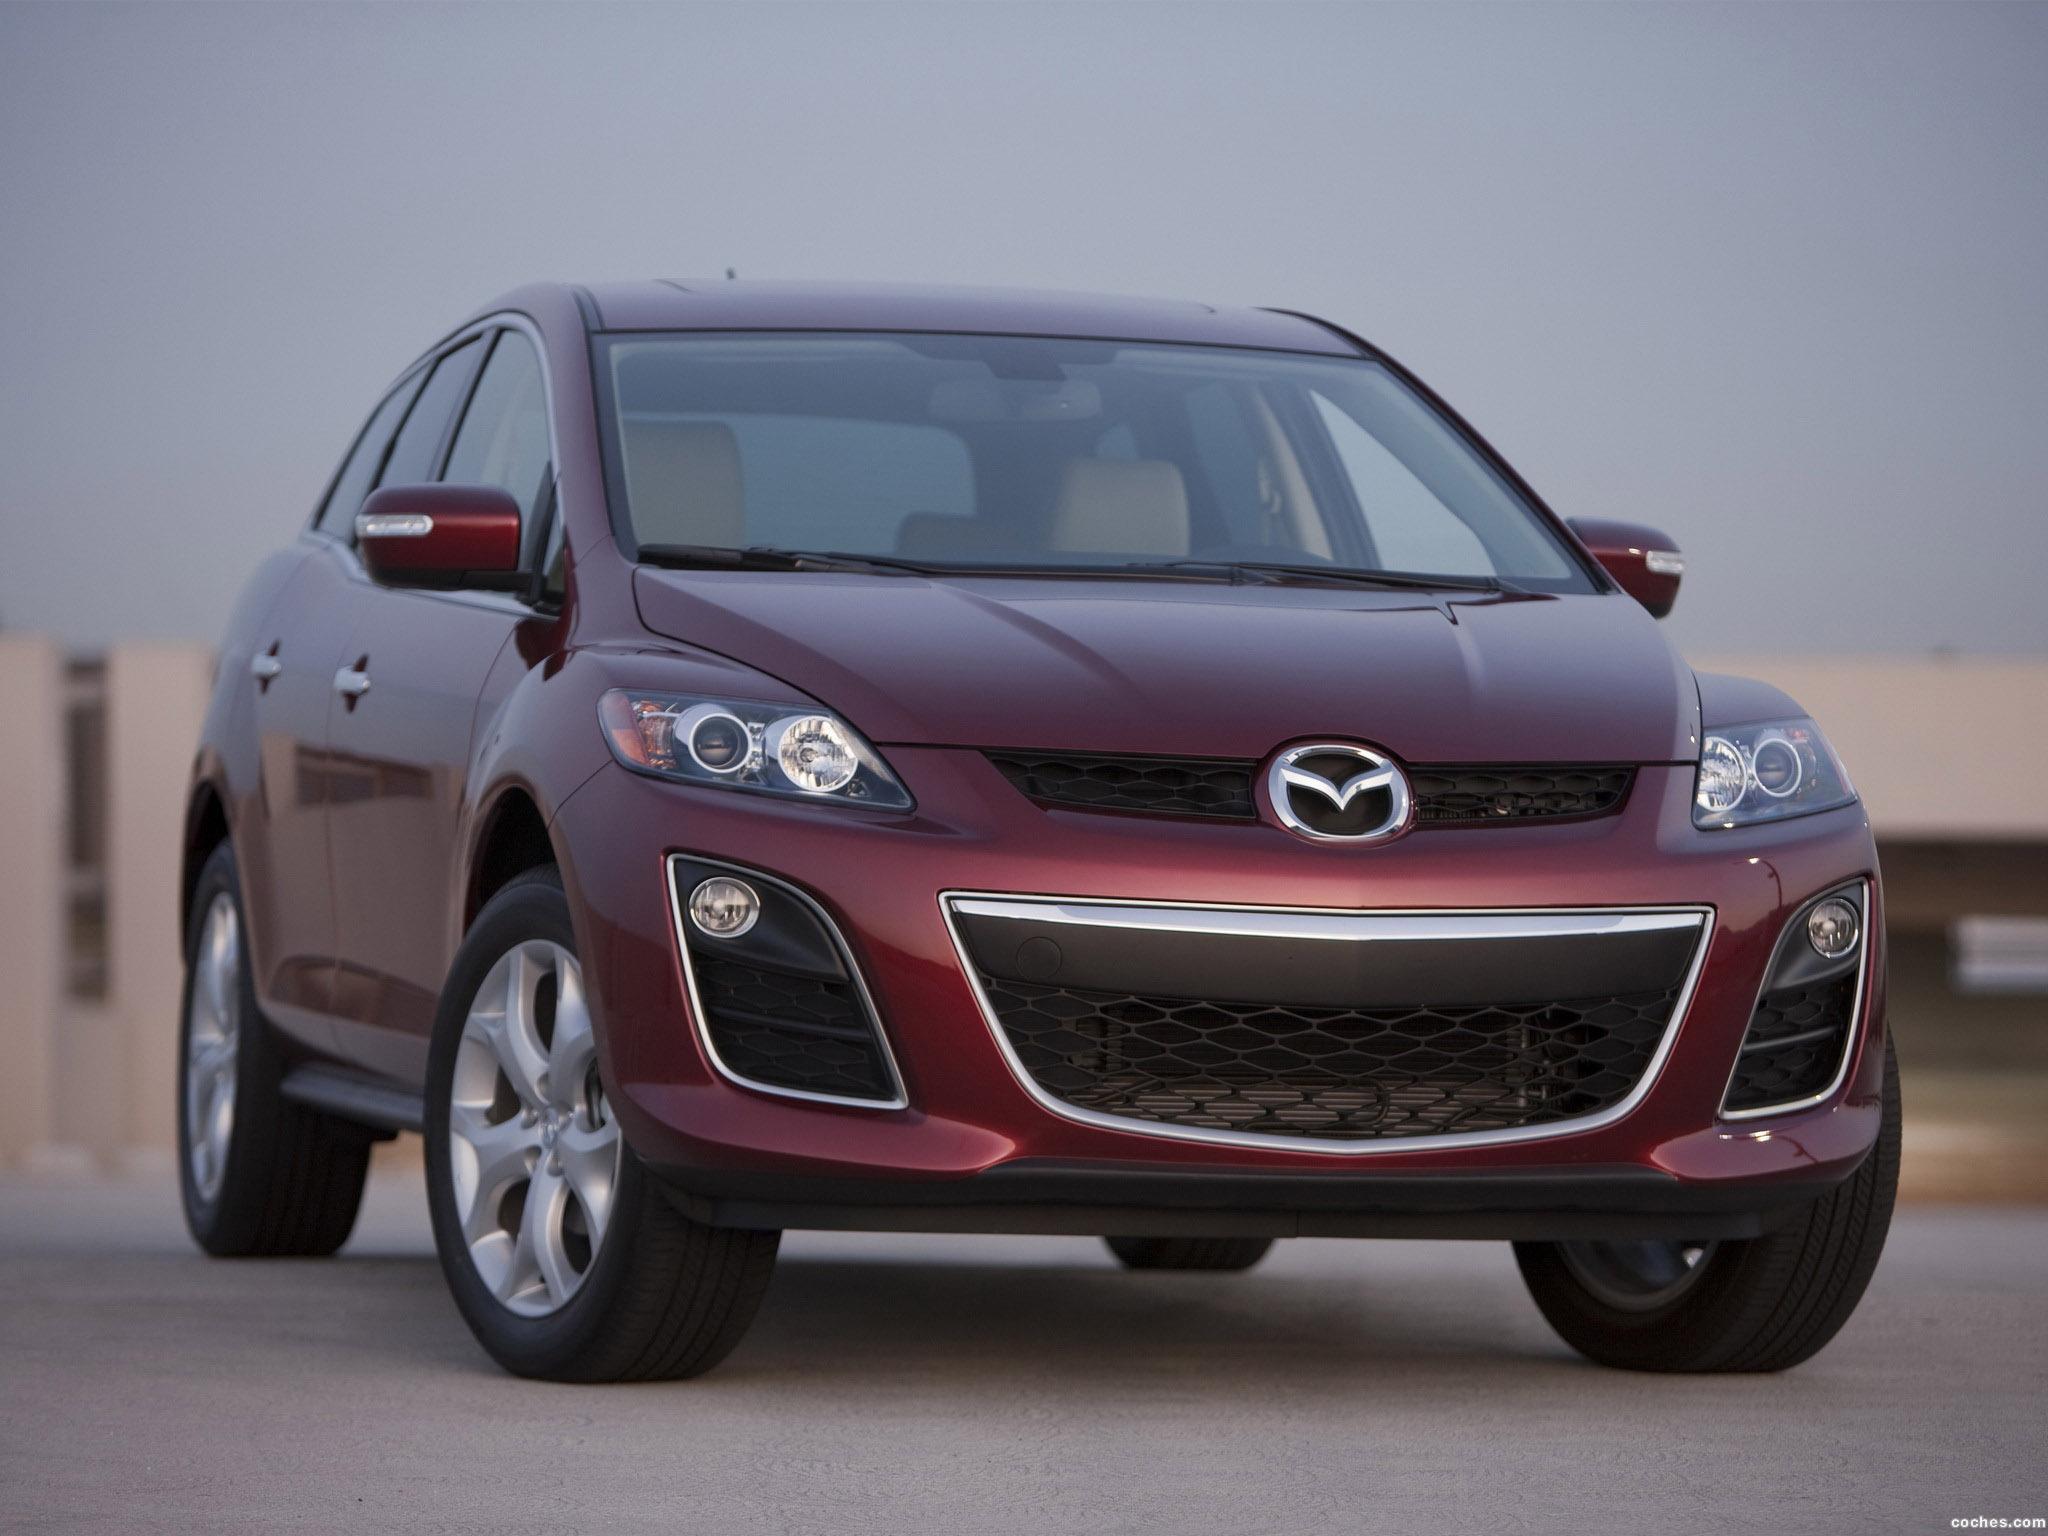 Foto 0 de Mazda CX-7 USA 2009